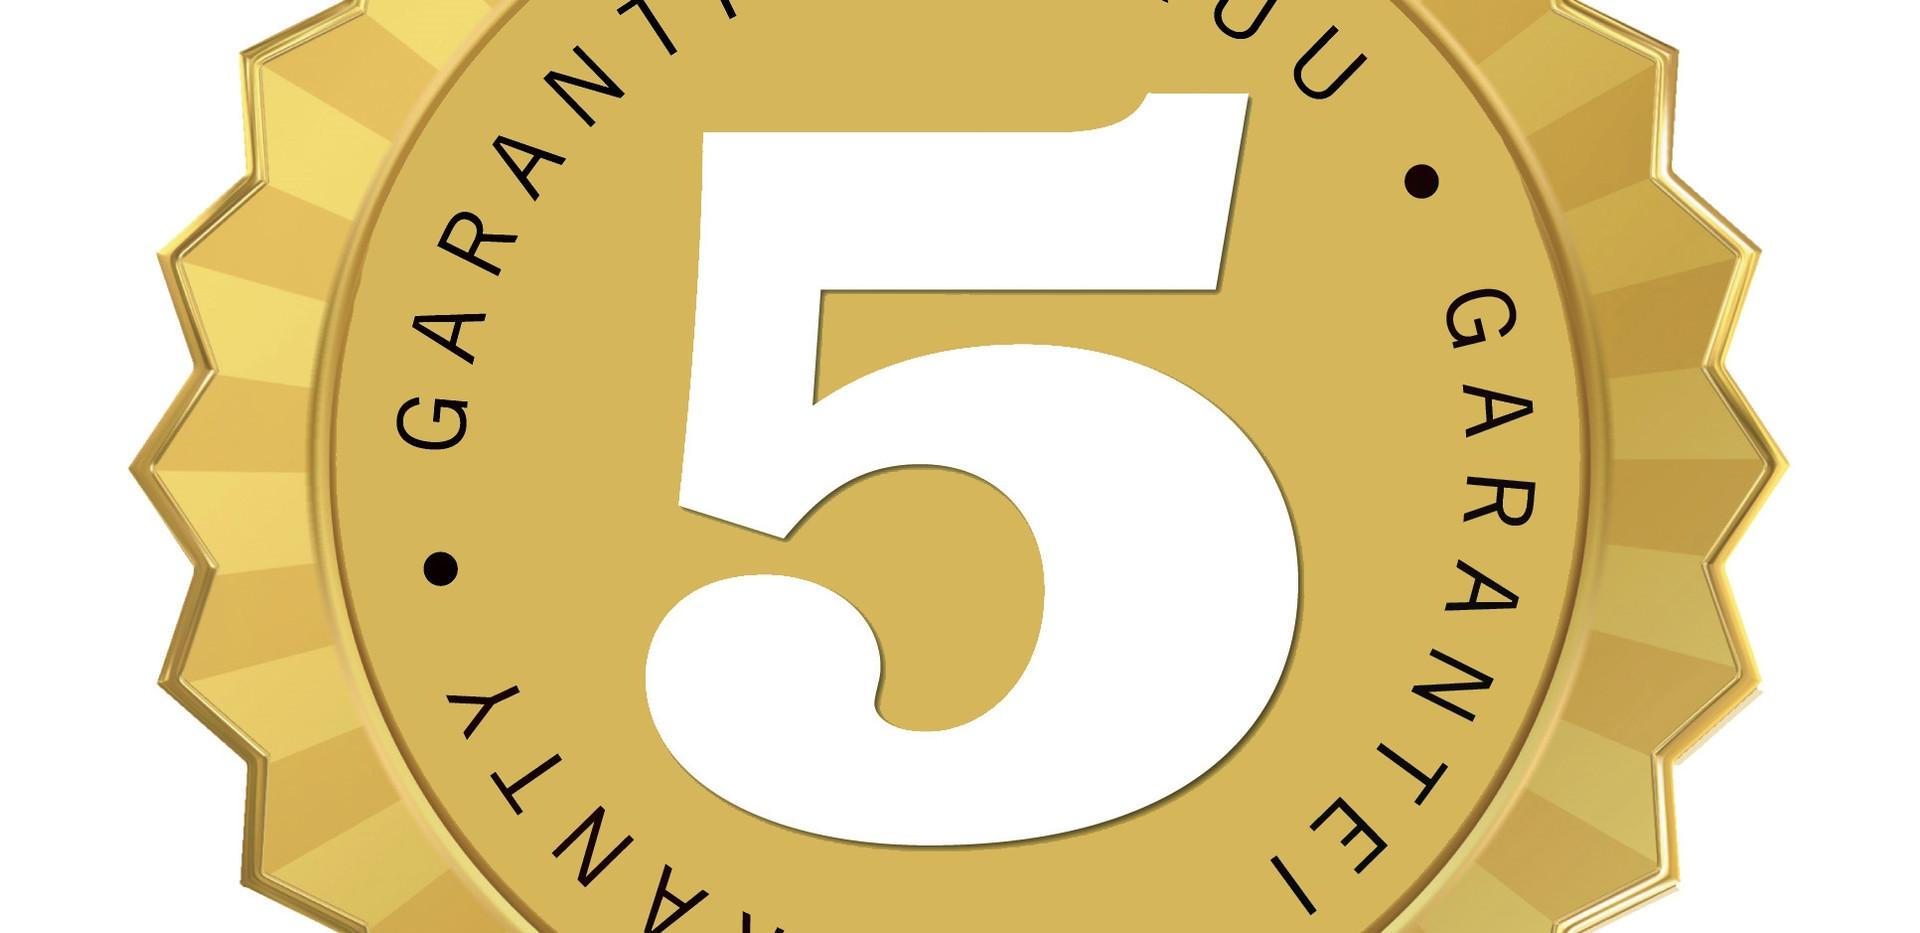 5-yrs-Guarantee